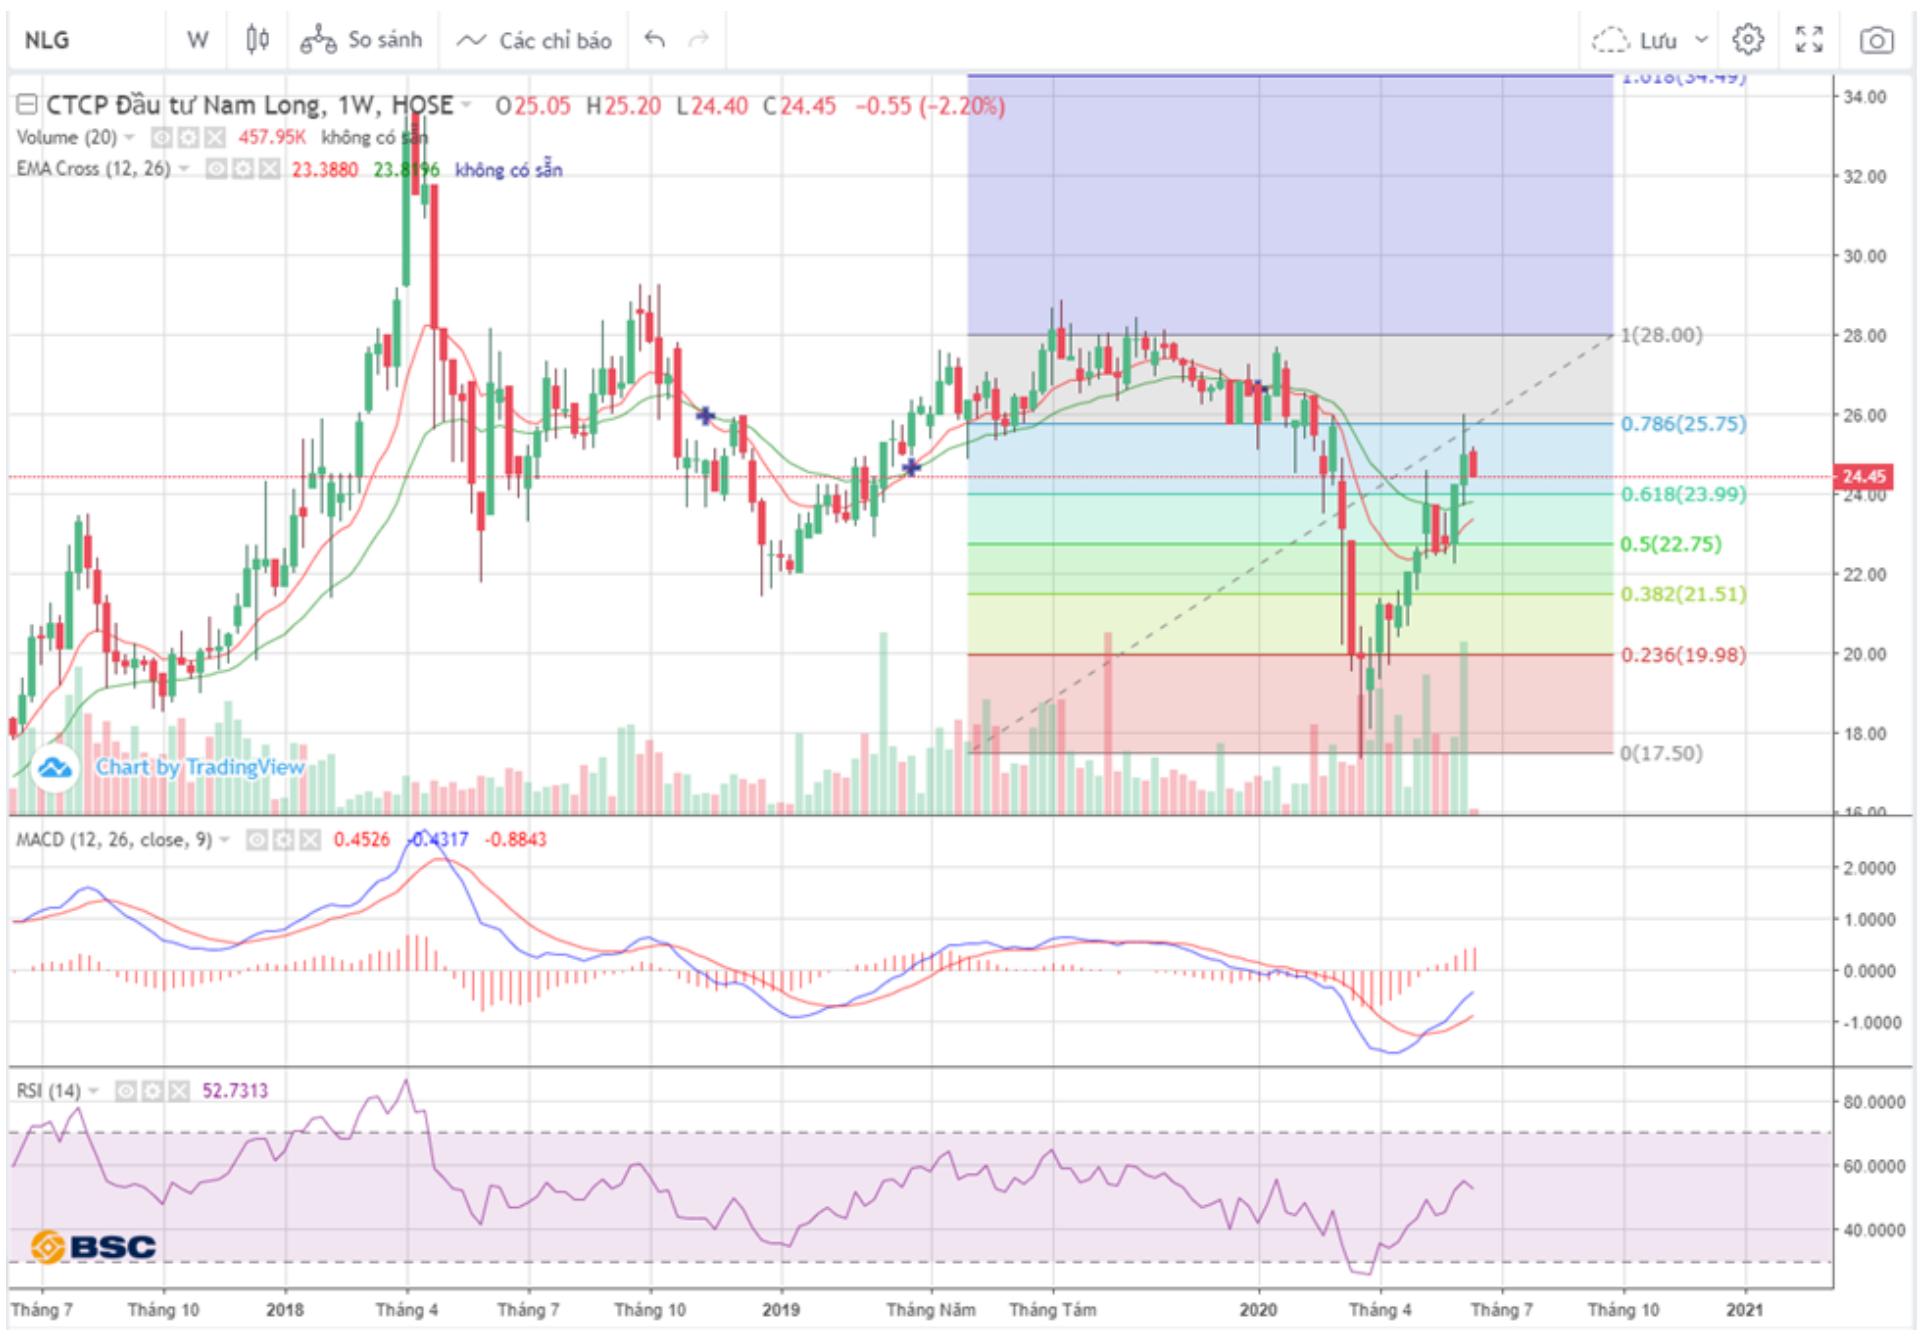 Cổ phiếu tâm điểm ngày 25/6: NLG, TRC, PET, SHS - Ảnh 1.